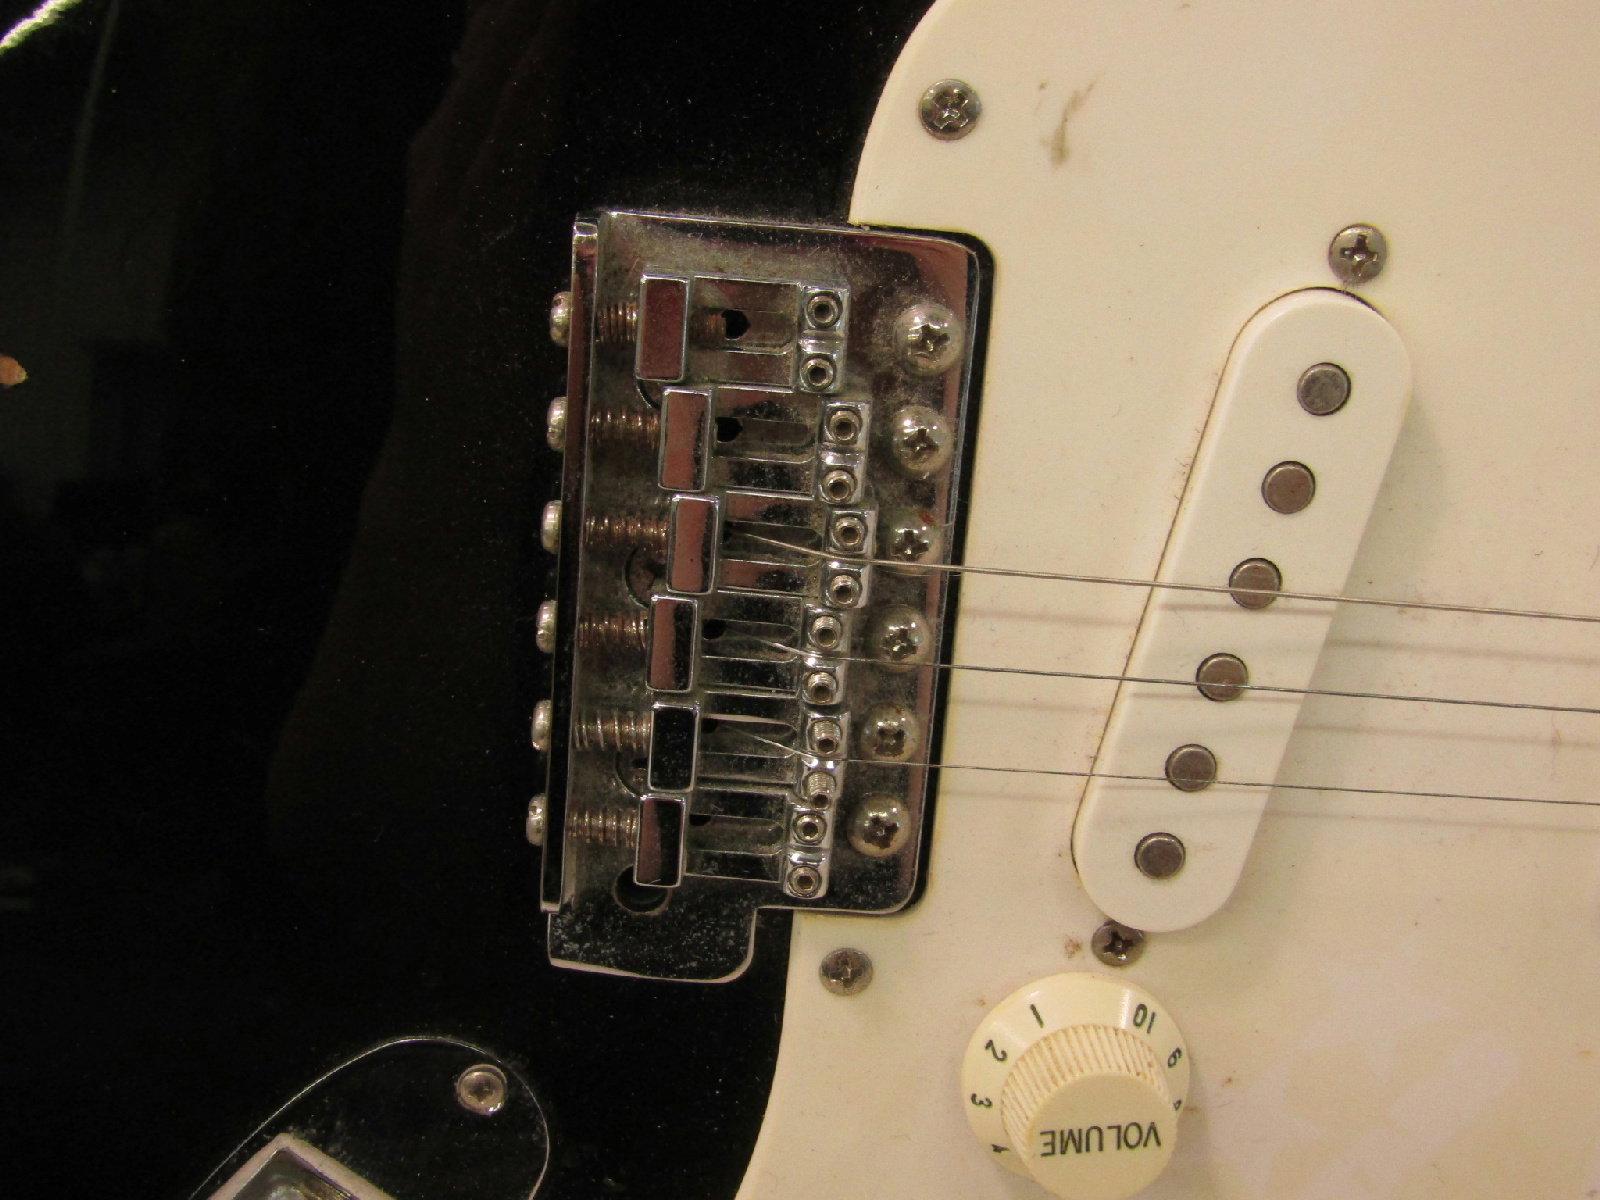 fender squier affinity strat black electric guitar parts. Black Bedroom Furniture Sets. Home Design Ideas